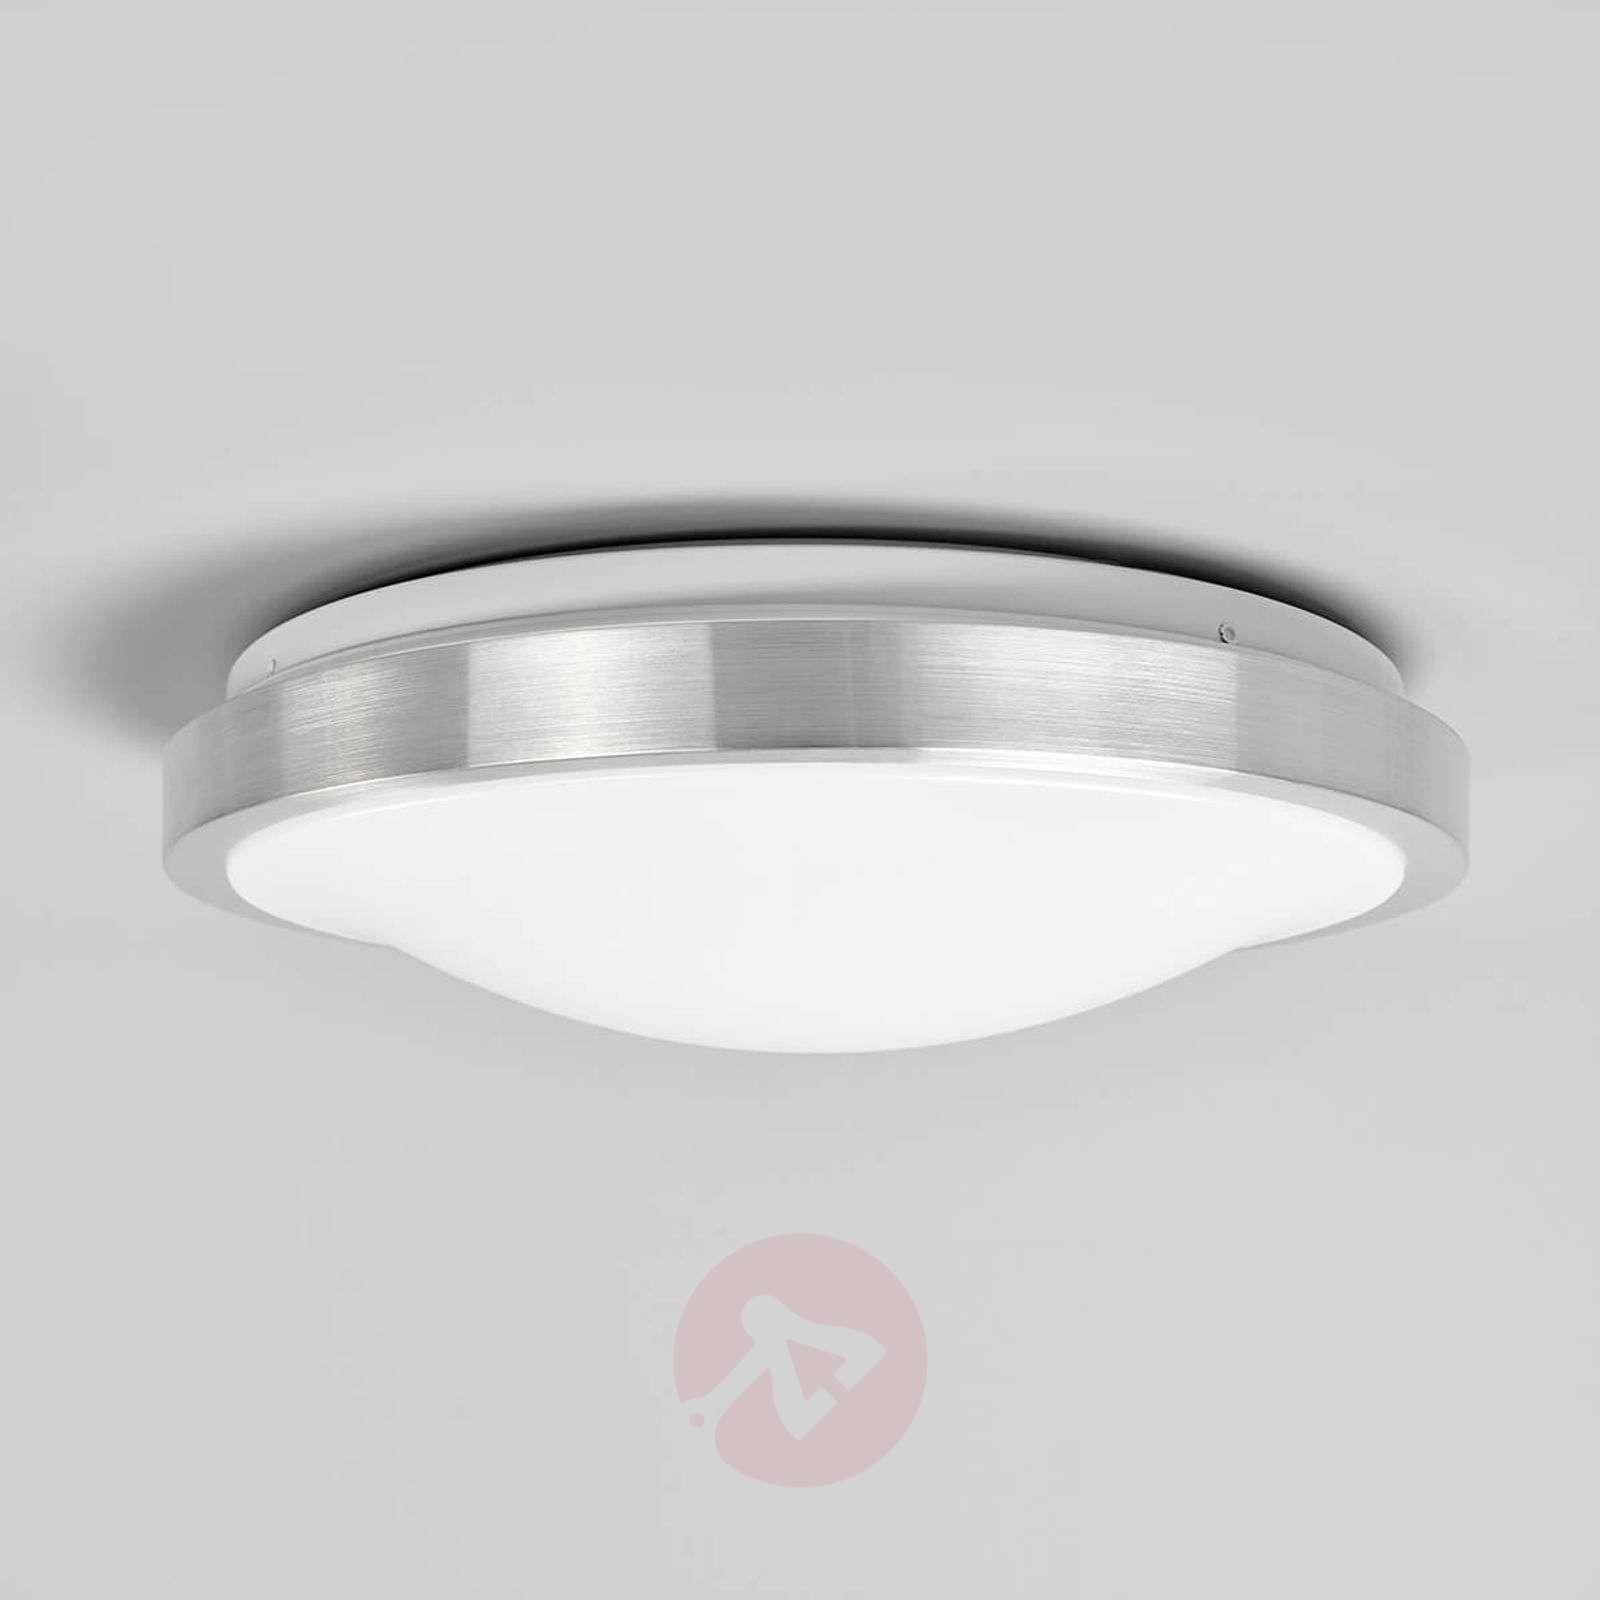 Jasmin – pyöreä LED-kattolamppu-9974018-01